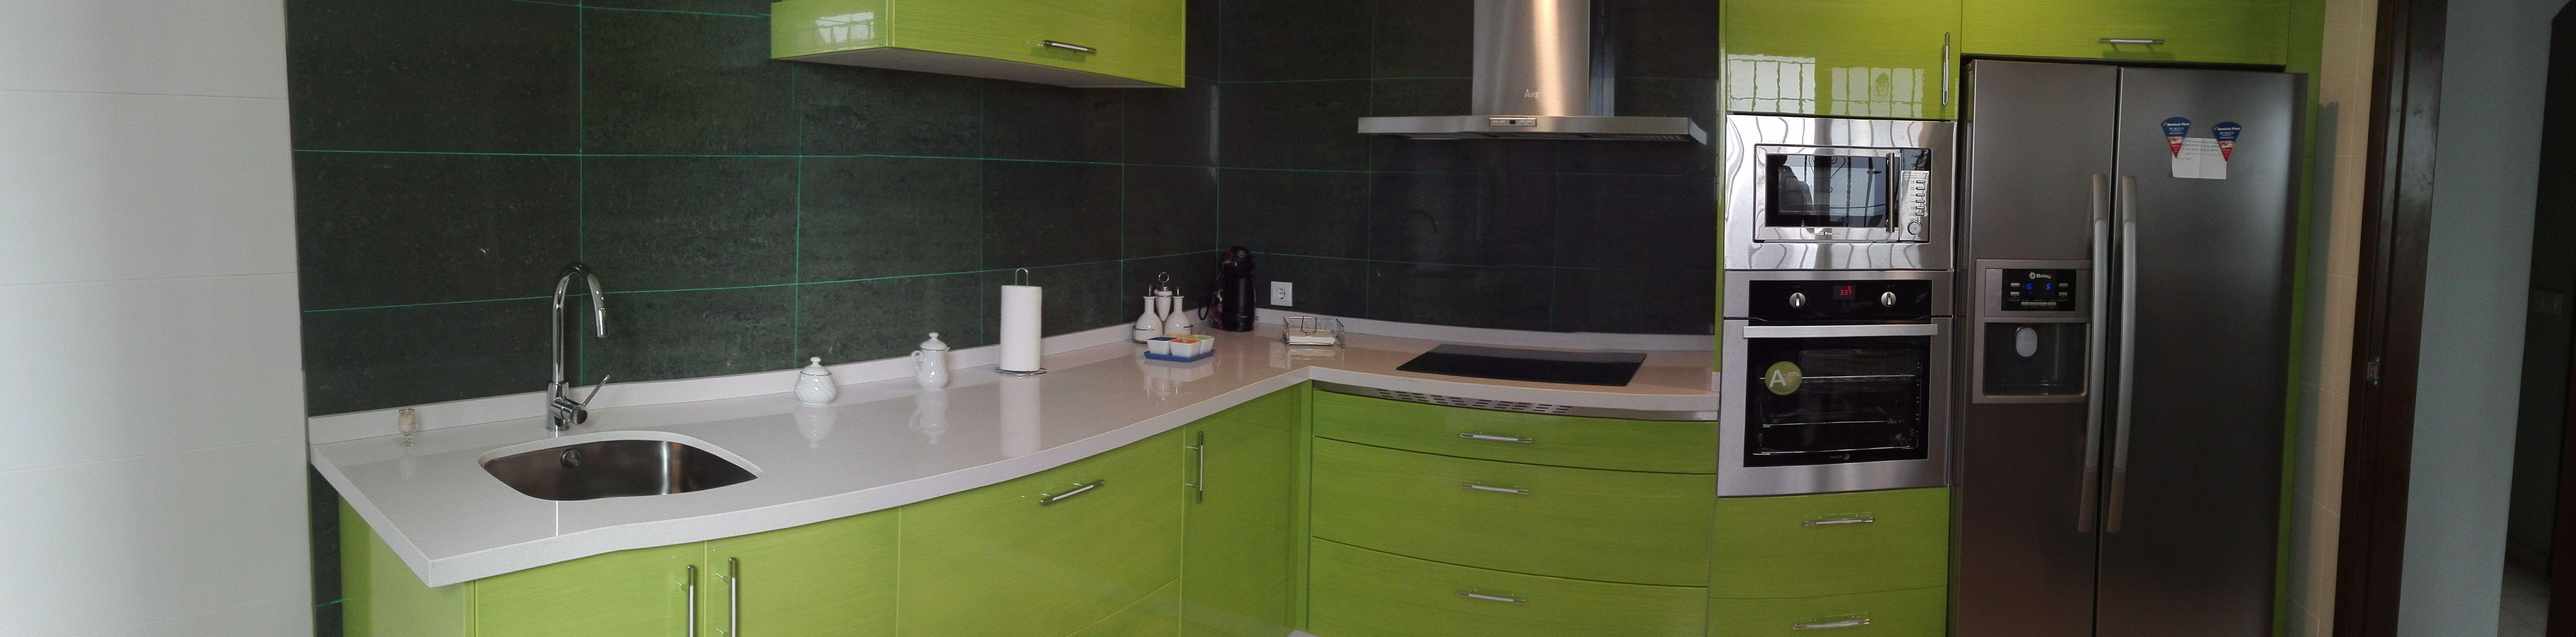 Foto 36 de Muebles de baño y cocina en Pozoblanco | Cocinas  MYDO